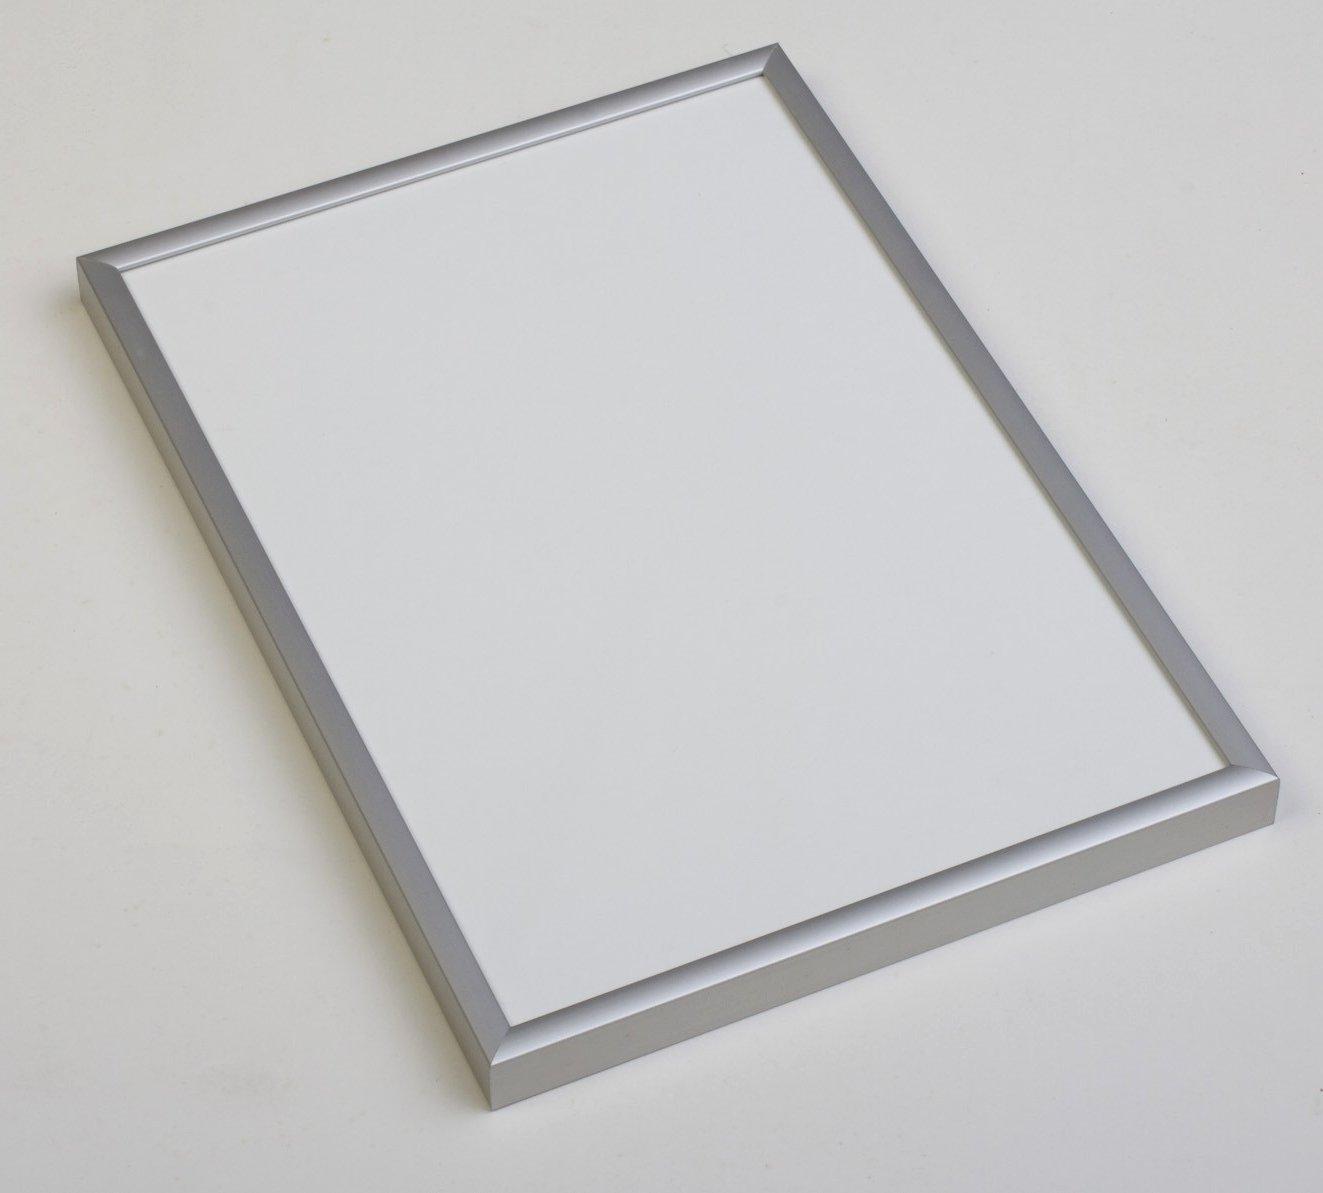 plaque de plexiglas castorama avec plaque de plexiglas